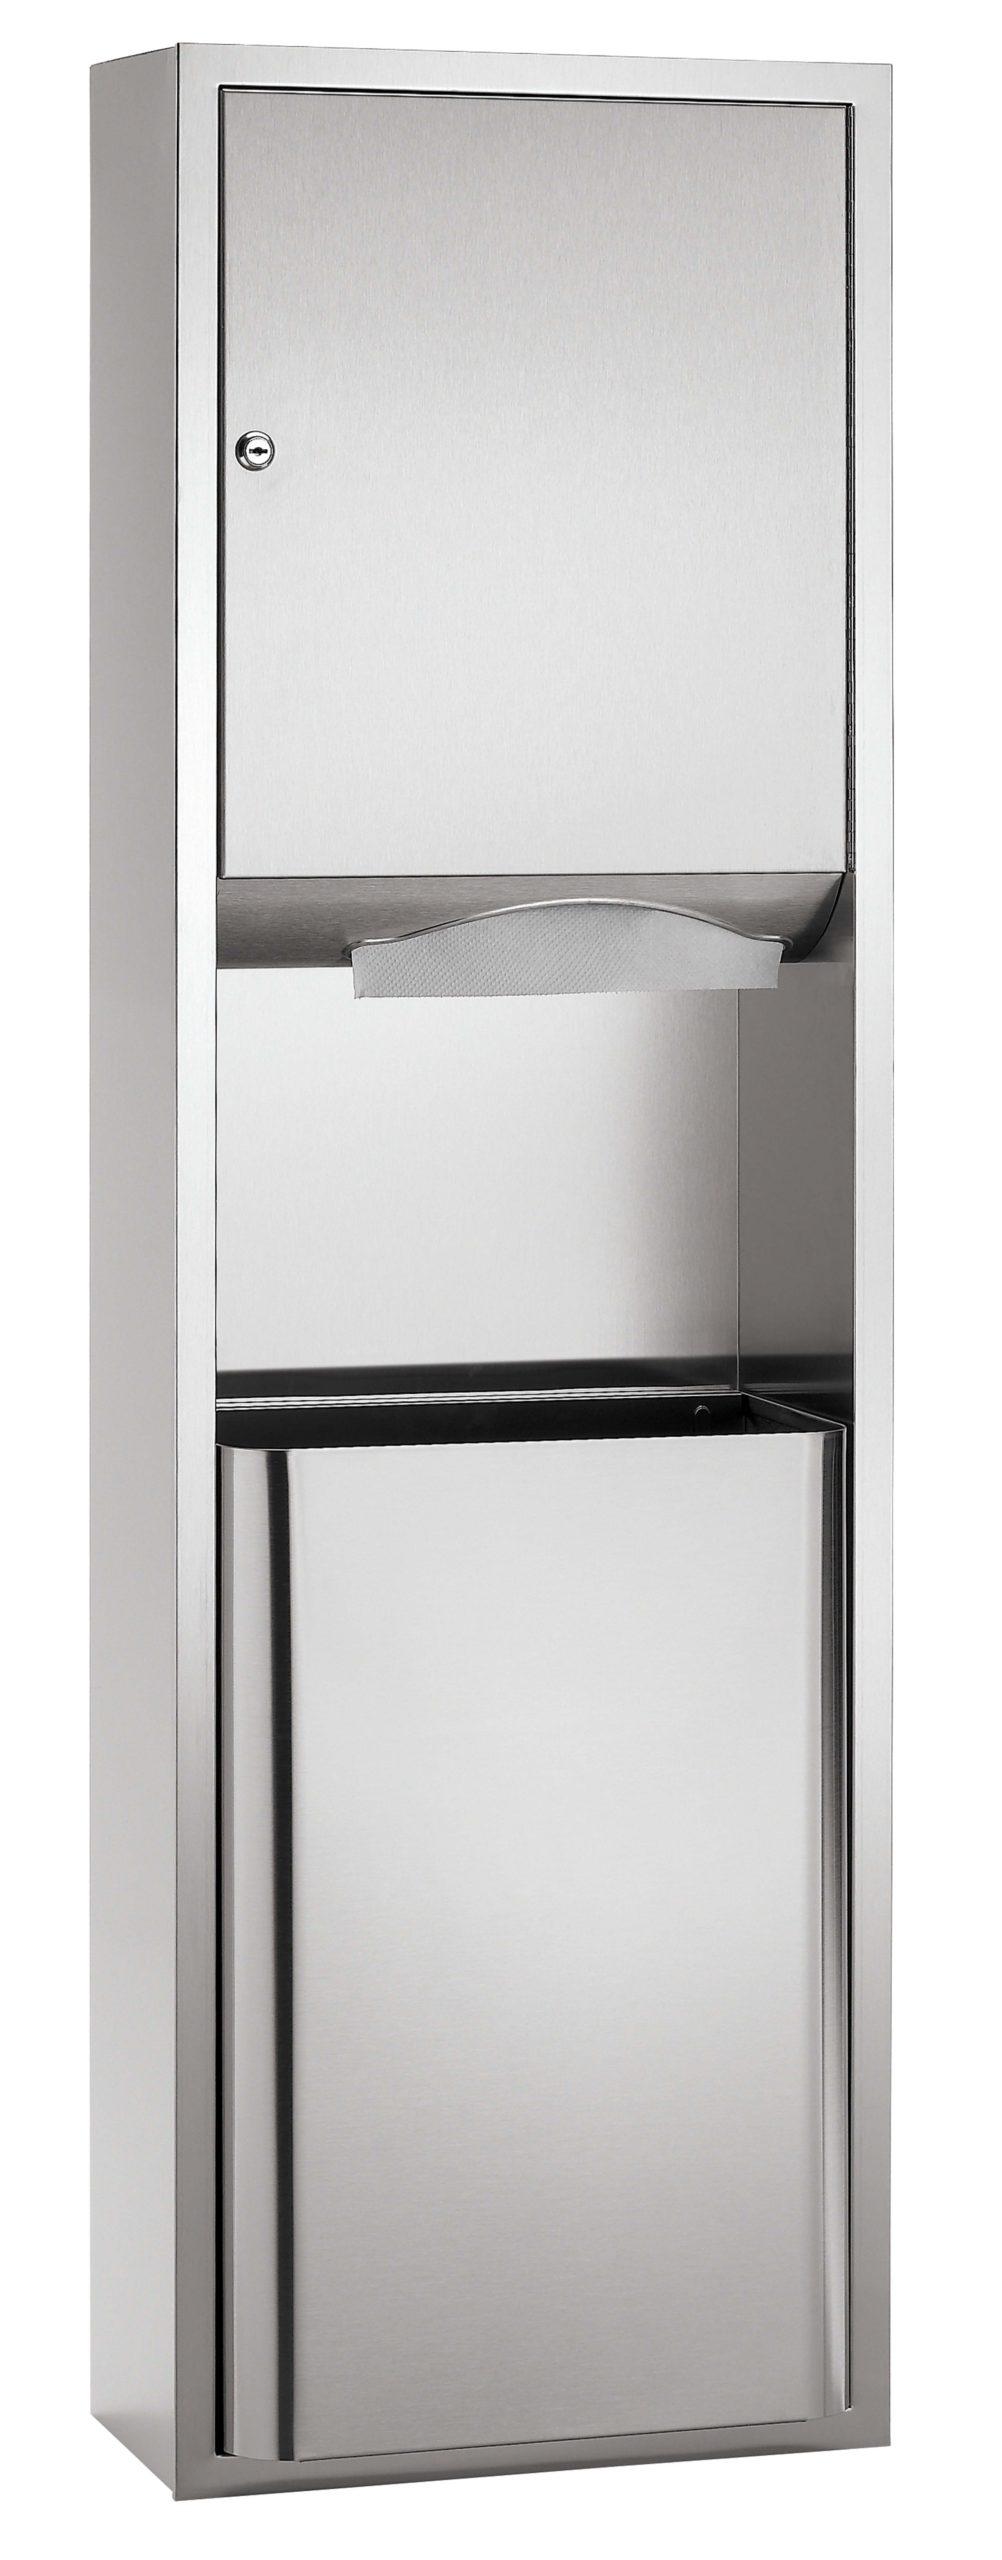 Bradley 237-36 Recessed Towel Dispenser & Waste Receptacle w/ 18 gal. Capacity